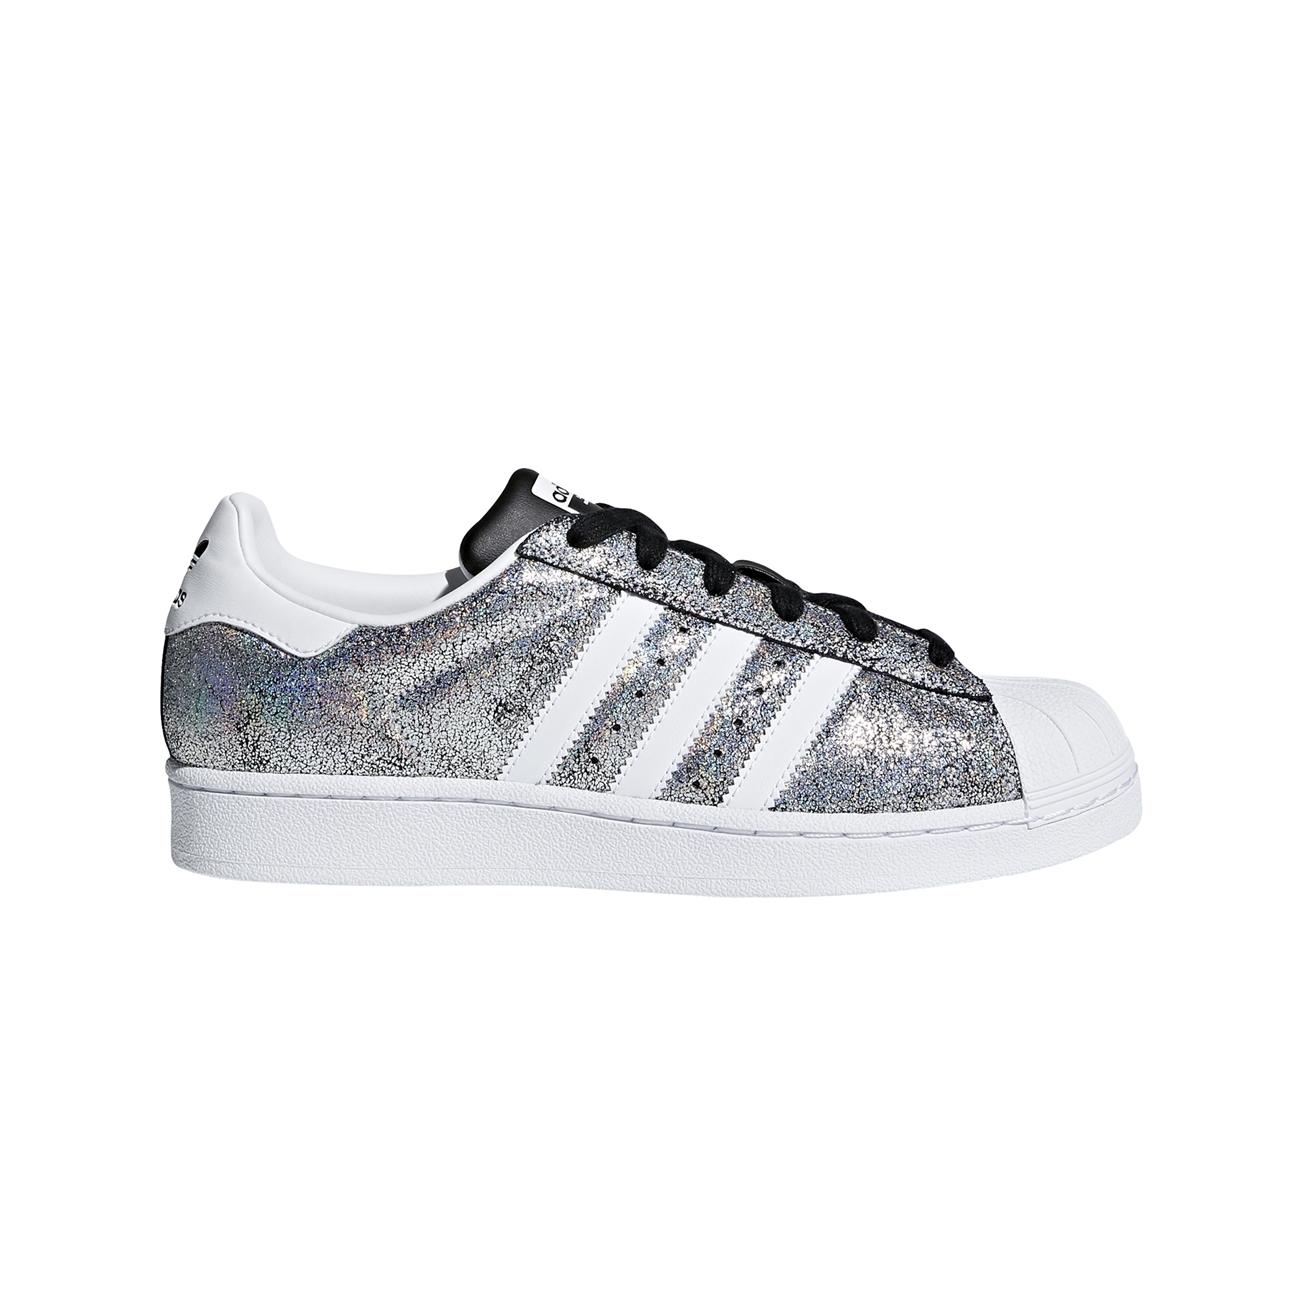 Tenis adidas Superstar W Branco Metalizado Original